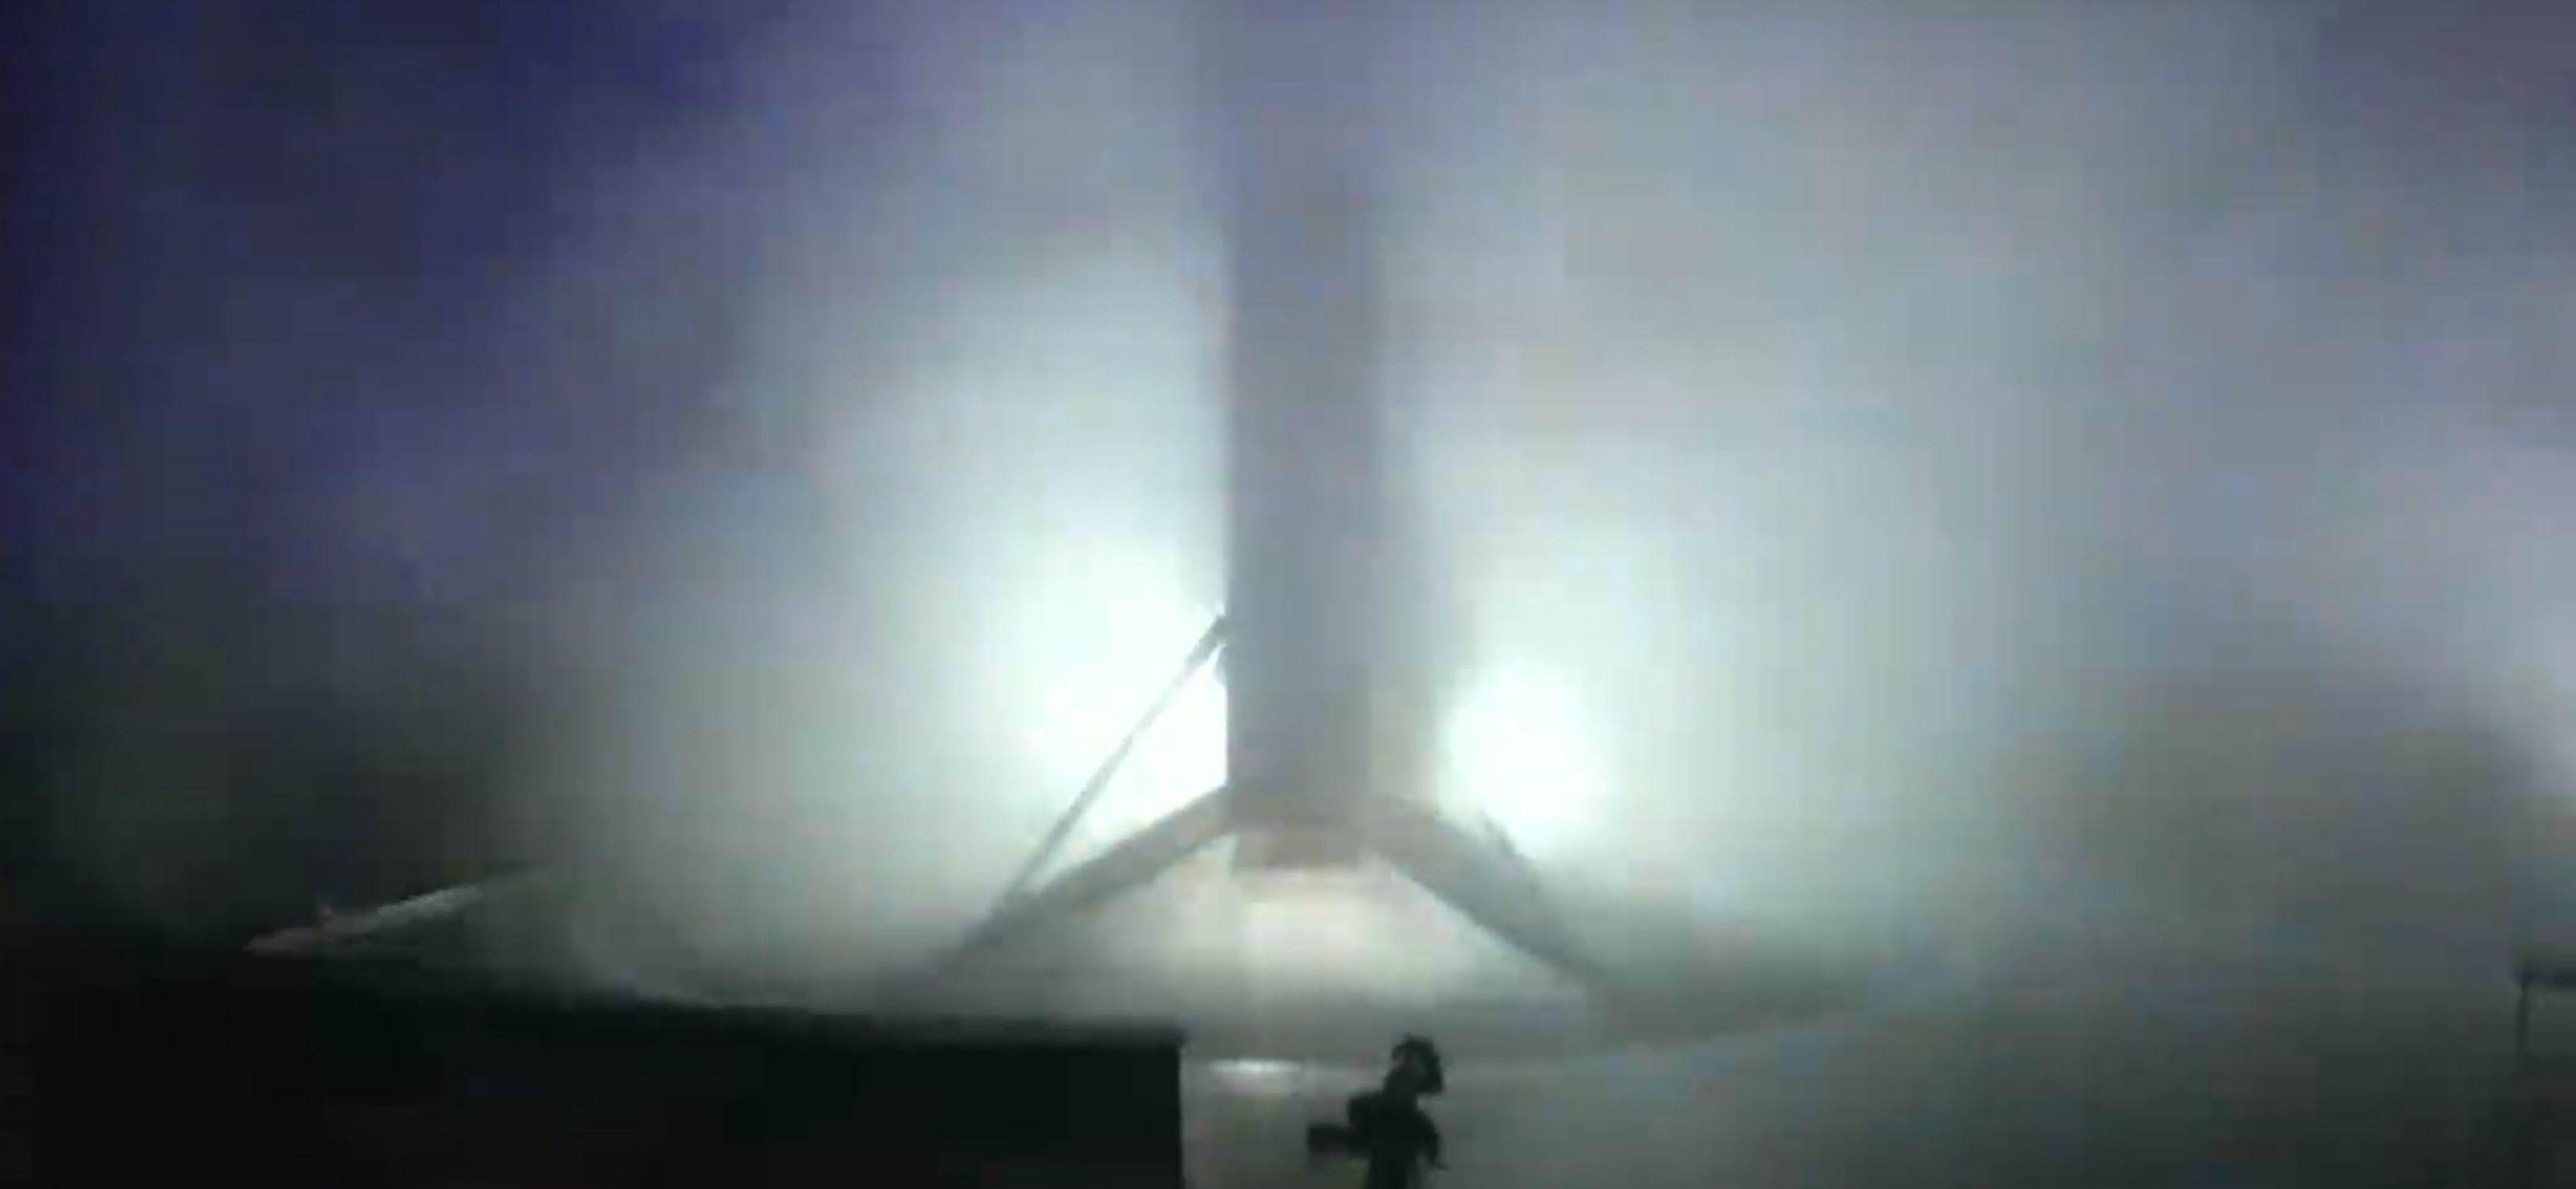 Falcon 9 b1048 PSN-6 webcast (SpaceX) landing 1